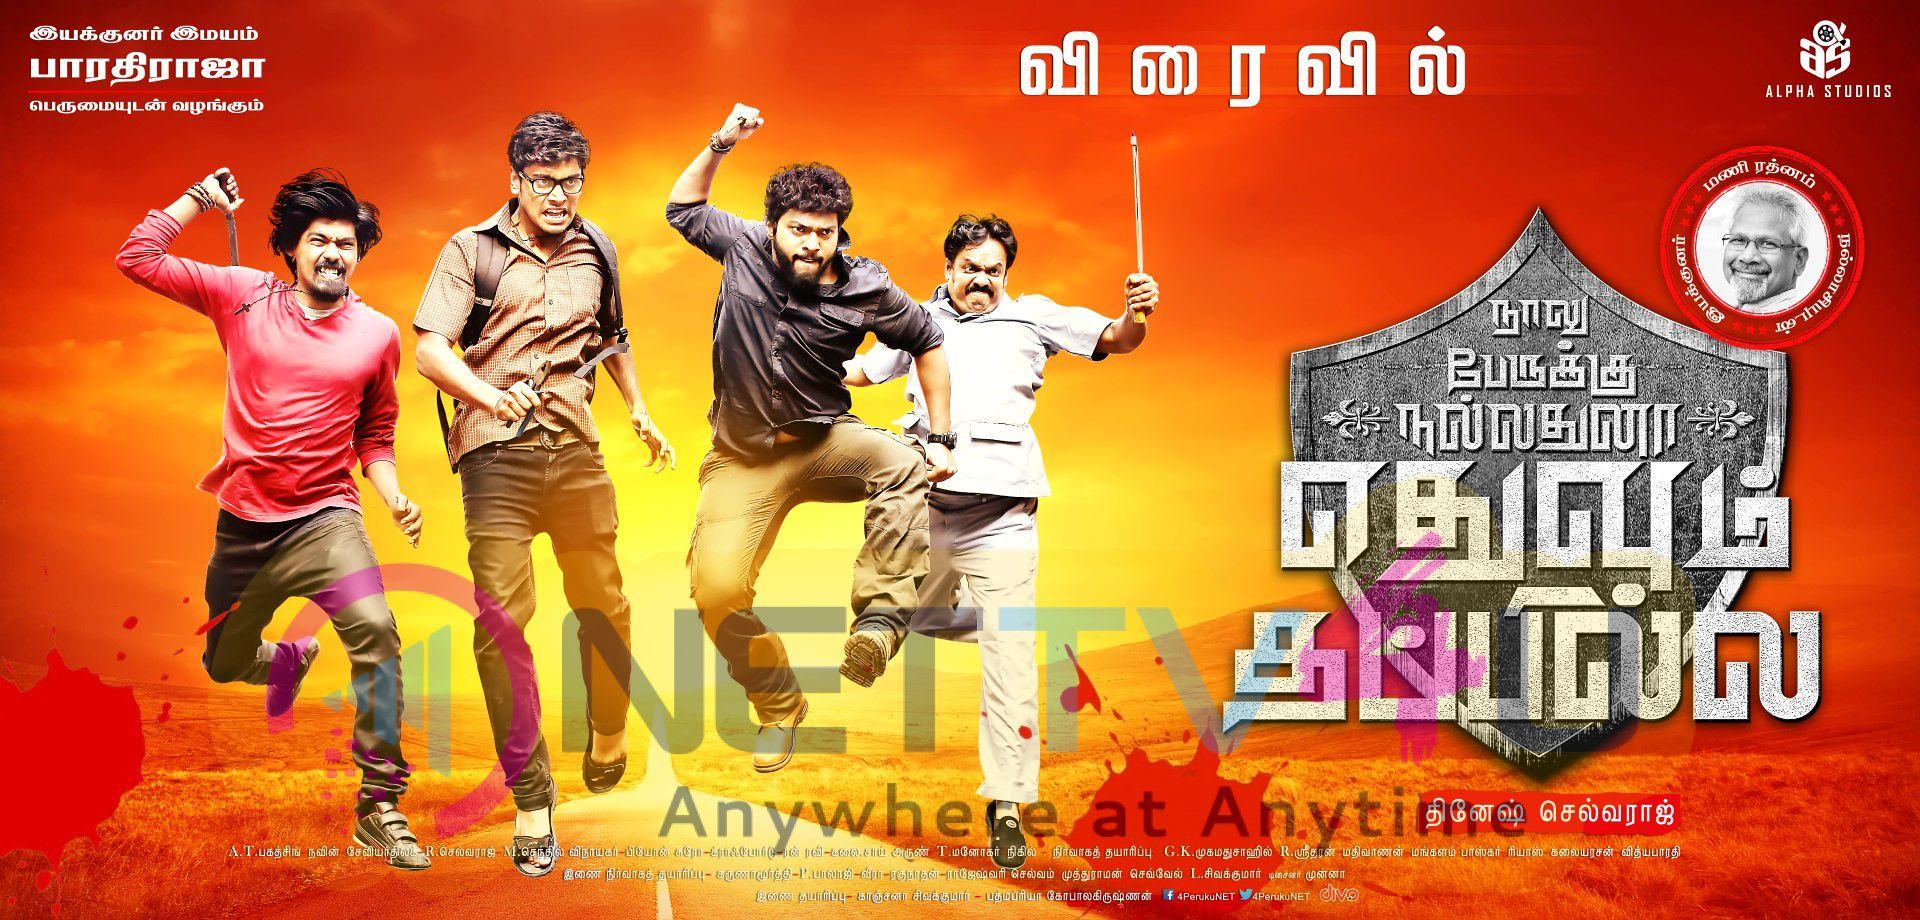 Naalu Peruku Nalladhuna Edhuvum Thappilla Tamil Movie Poster Tamil Gallery